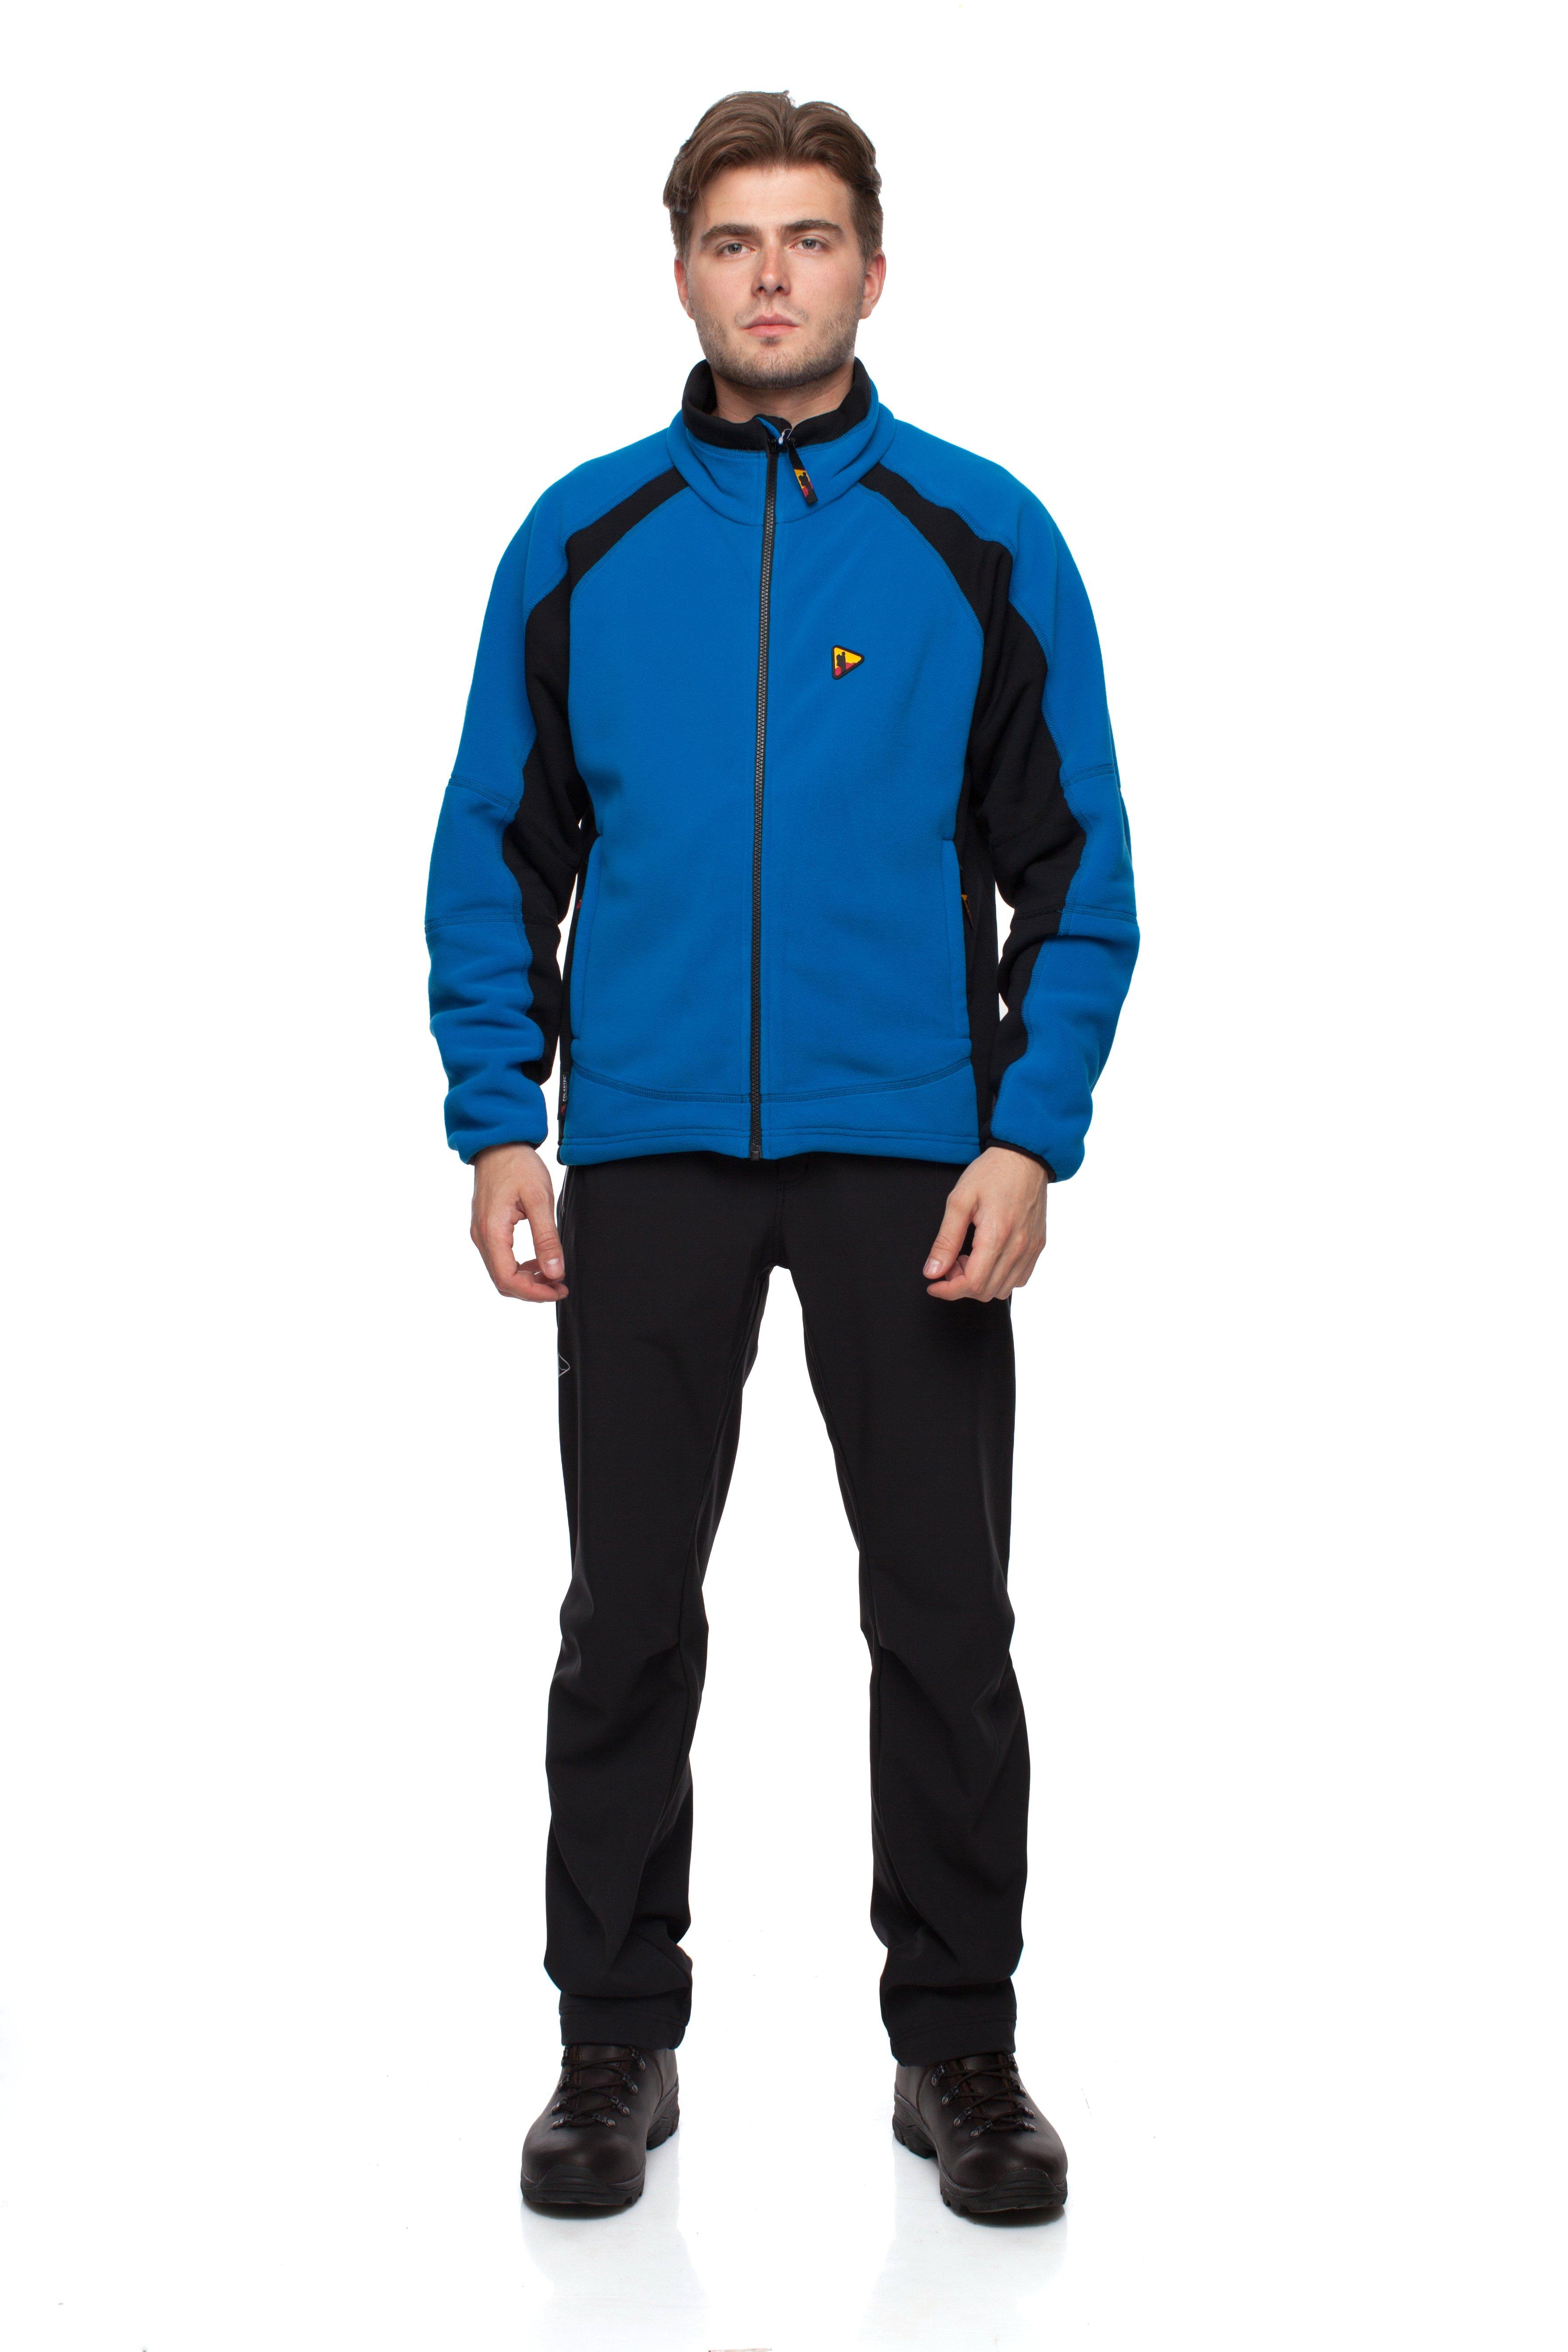 Куртка BASK FORWARD 4107Флисовые куртки<br>Тёплая  мужская  куртка из ткани Polartec® Thermal Pro®.<br><br>Боковые карманы: 2<br>Вес граммы: 540<br>Ветрозащитная планка: Да<br>Внутренние карманы: 1<br>Материал: Polartec® Thermal Pro® плюс Polartec® Power Stretch®<br>Материал усиления: Нет<br>Нагрудные карманы: Нет<br>Пол: Мужской<br>Регулировка вентиляции: Нет<br>Регулировка низа: Да<br>Регулируемые вентиляционные отверстия: Нет<br>Тип молнии: Однозамковая<br>Усиление контактных зон: Нет<br>Размер INT: XXL<br>Цвет: ЧЕРНЫЙ